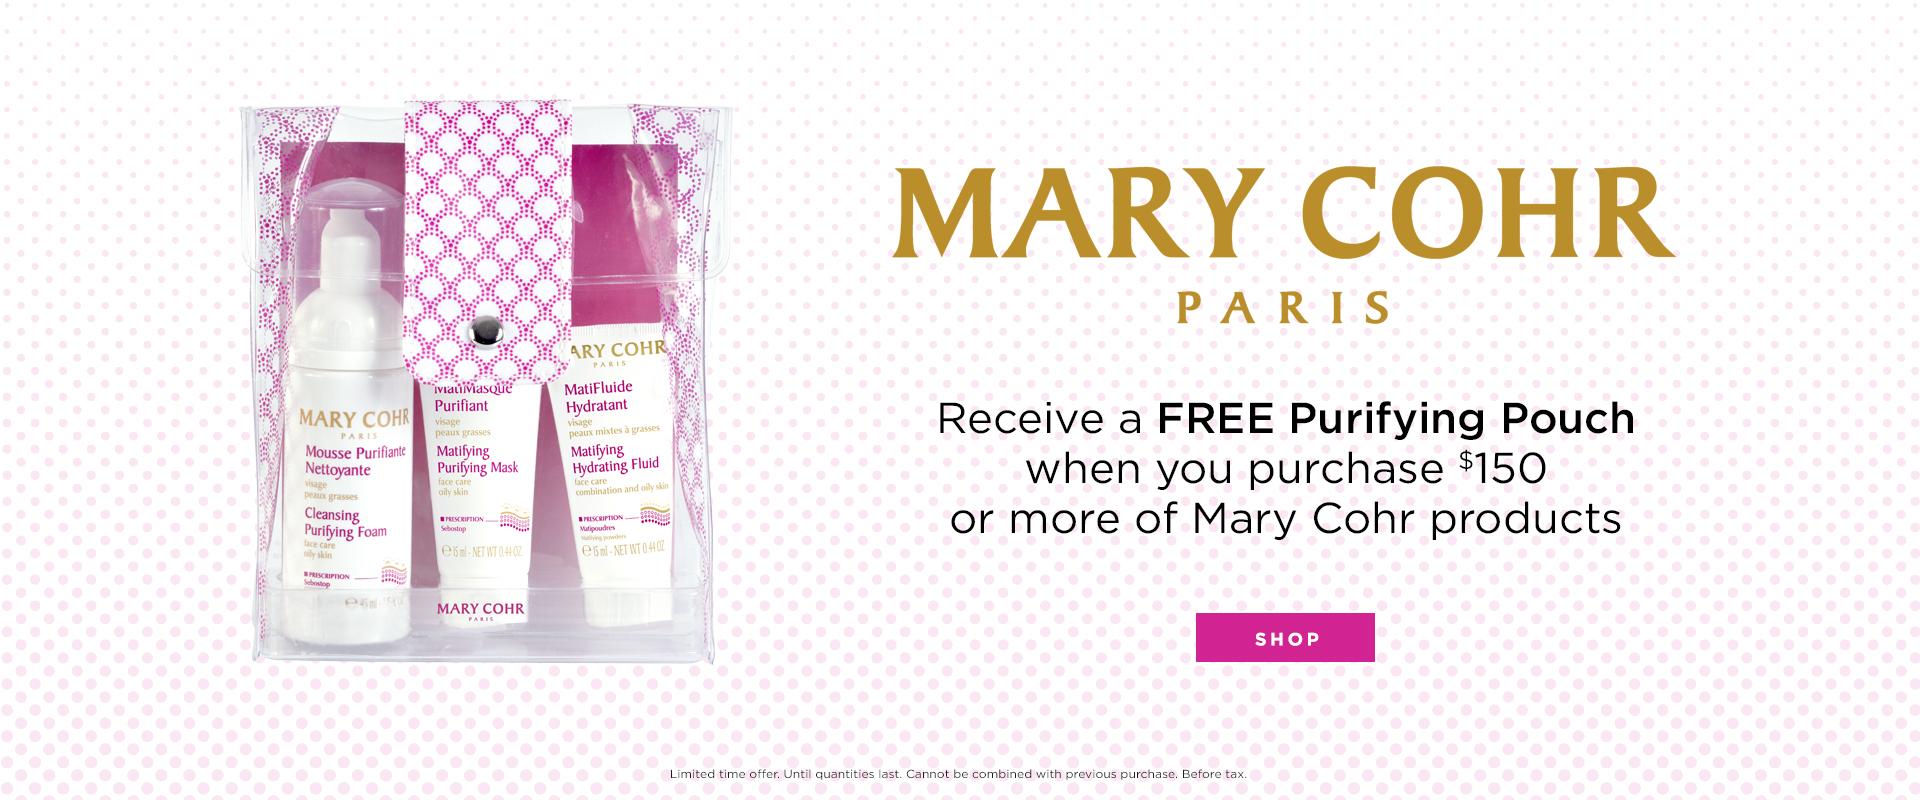 Mary Cohr Paris Skin Care